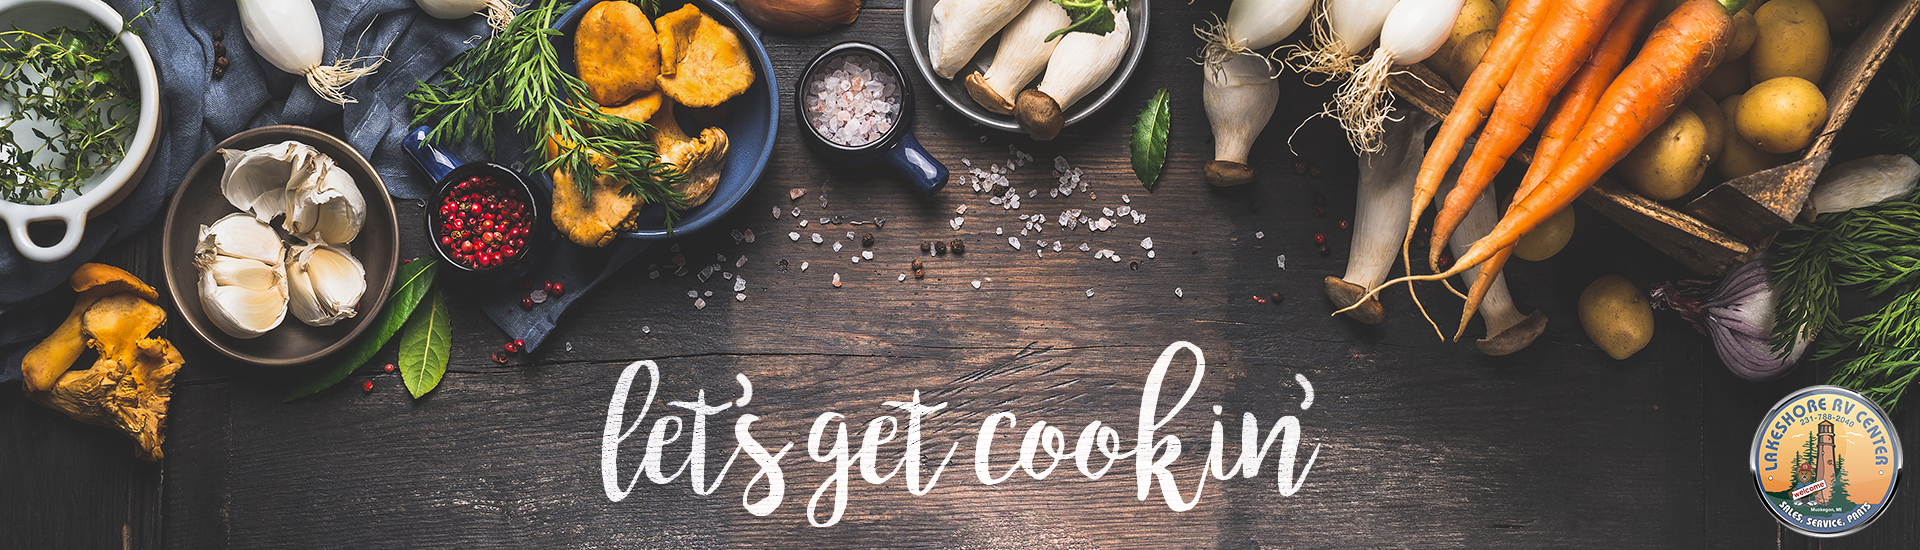 lets get cookin